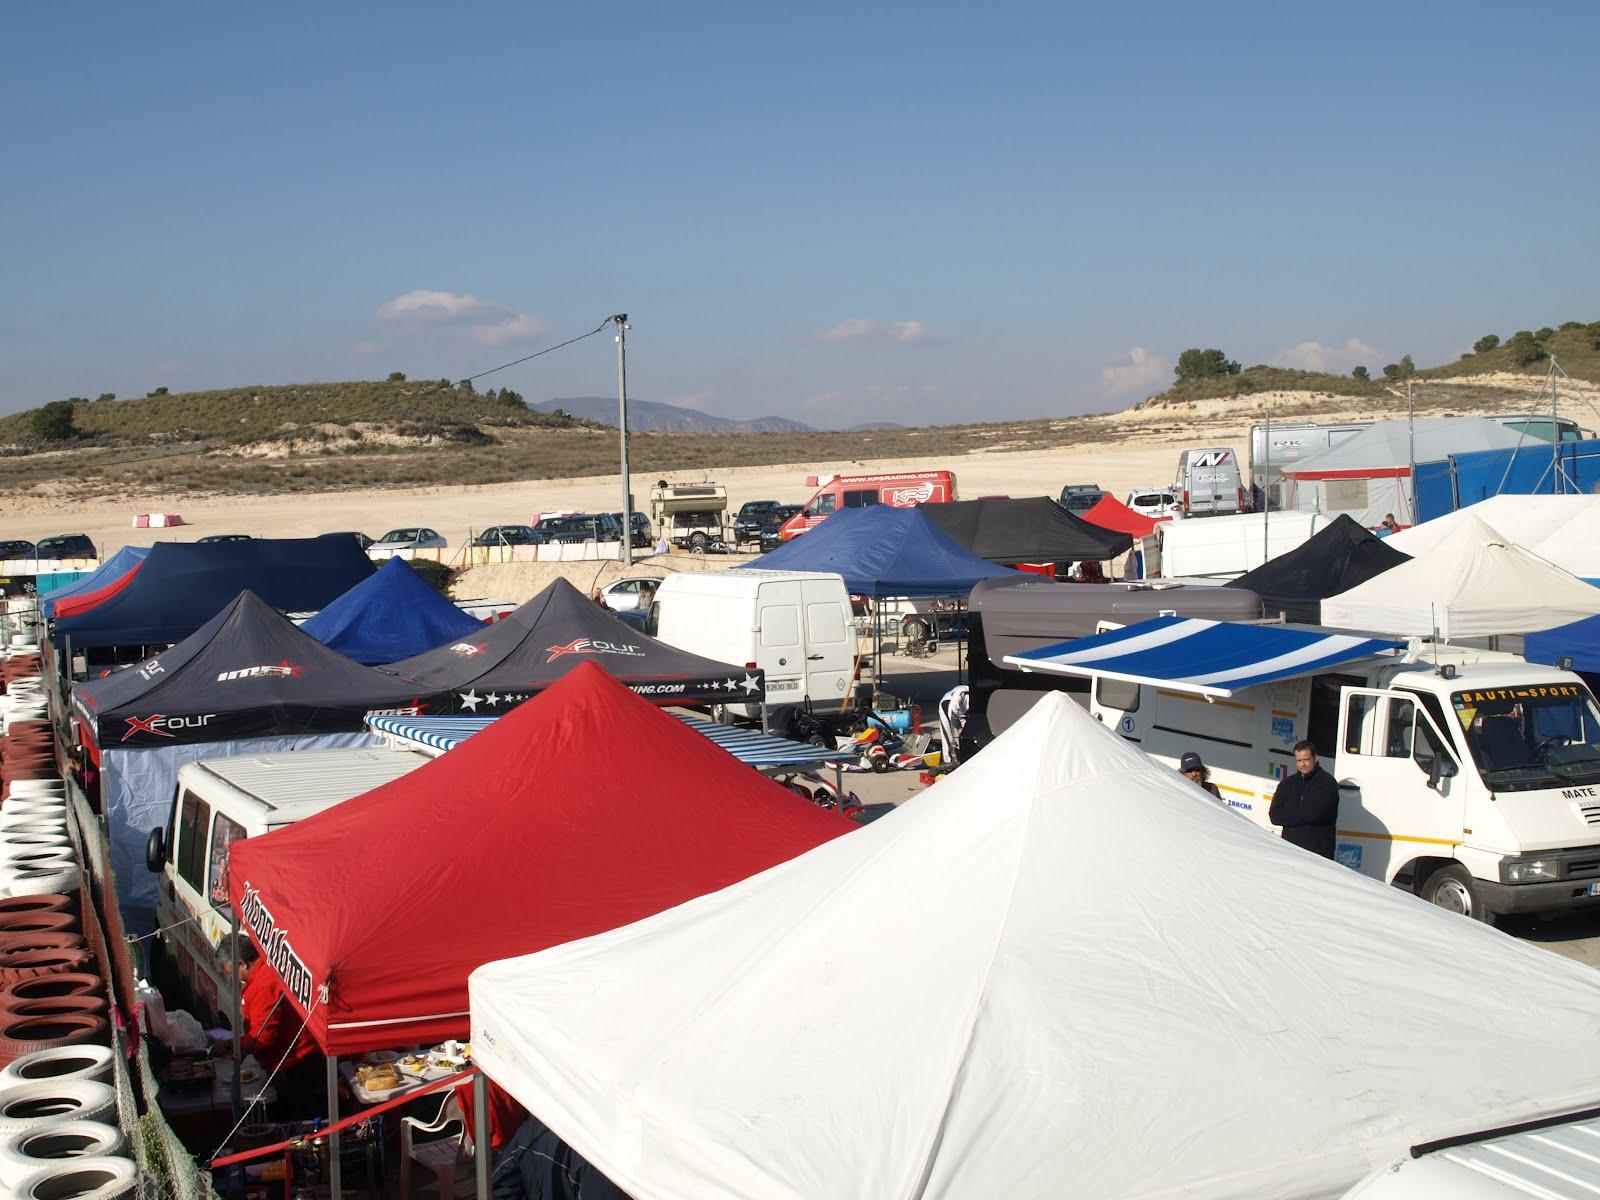 Circuito Jumilla : Circuito internacional de jumilla: enero 2012